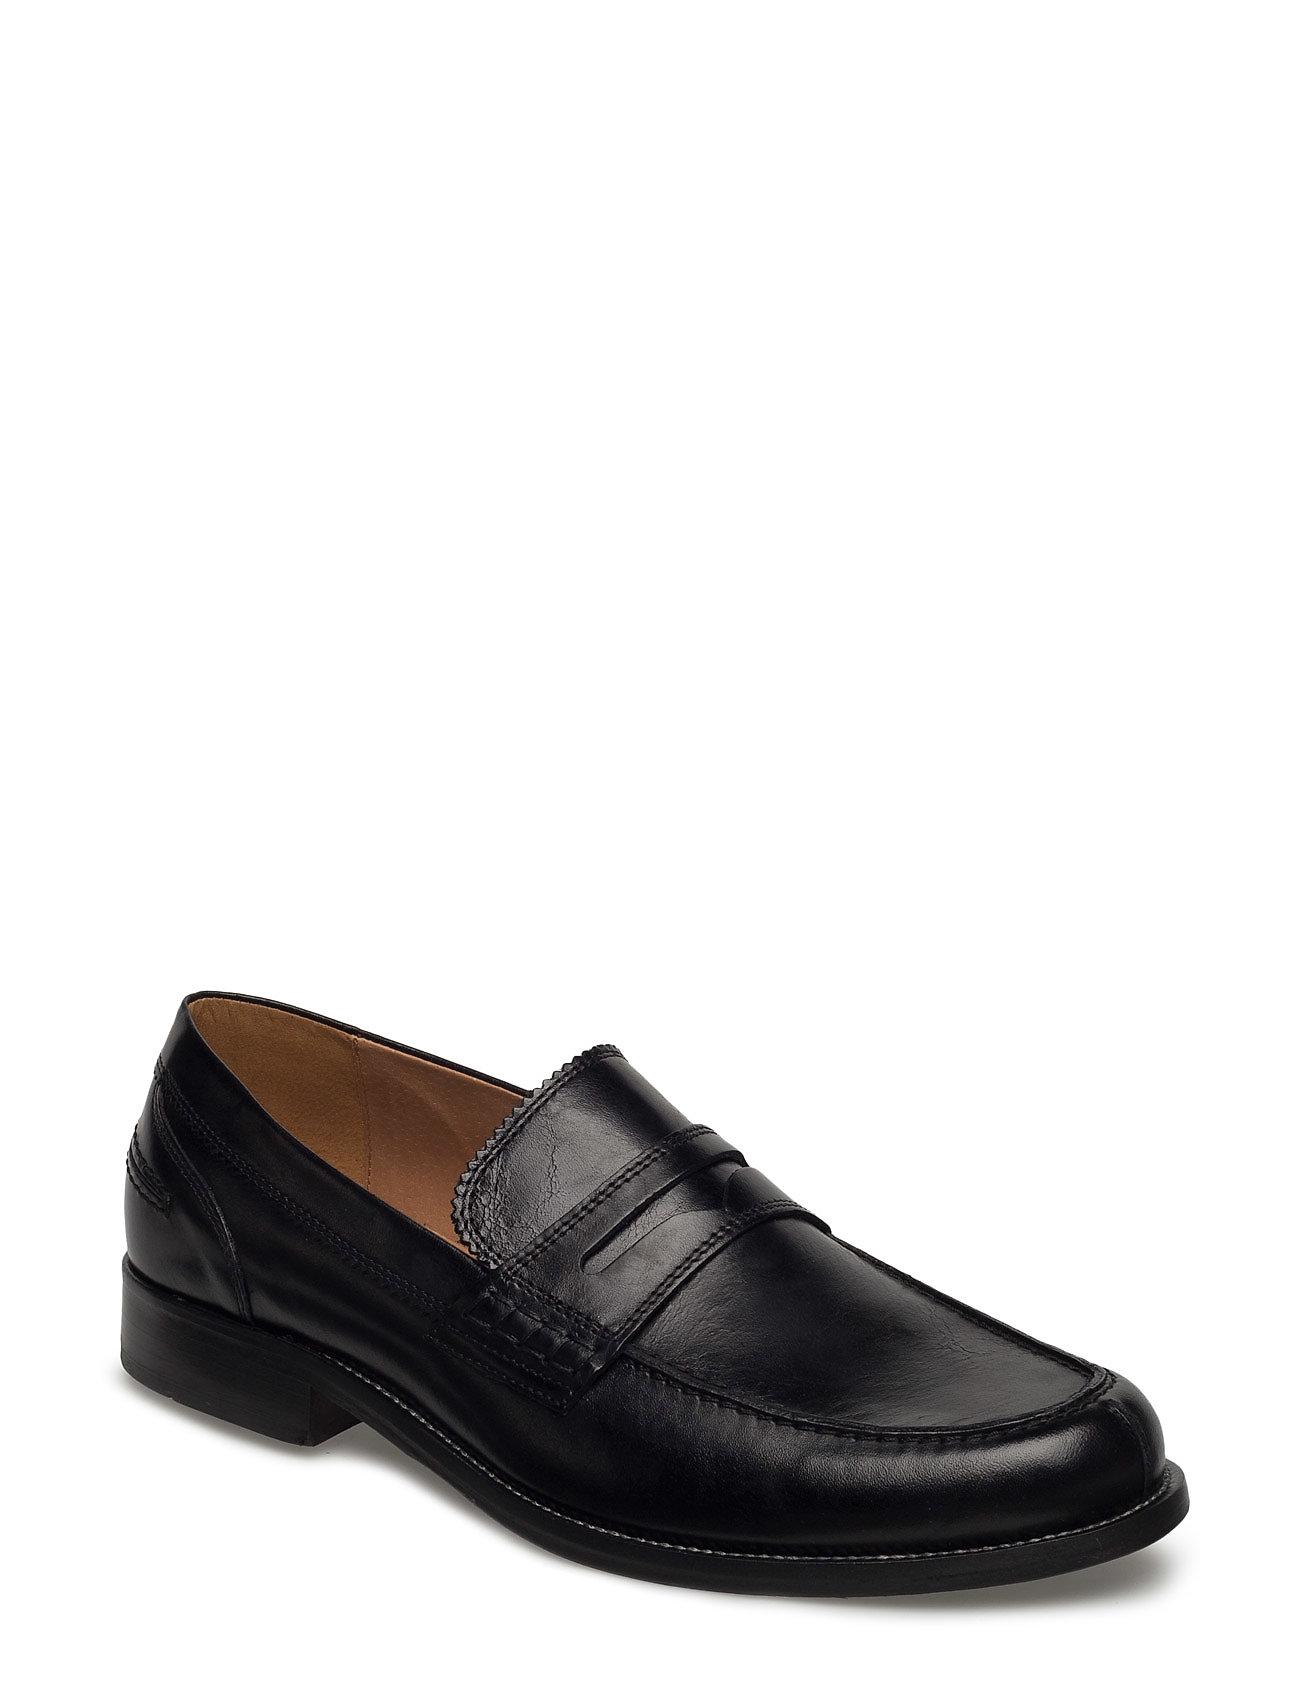 1410 Playboy Footwear Business til Herrer i Sort